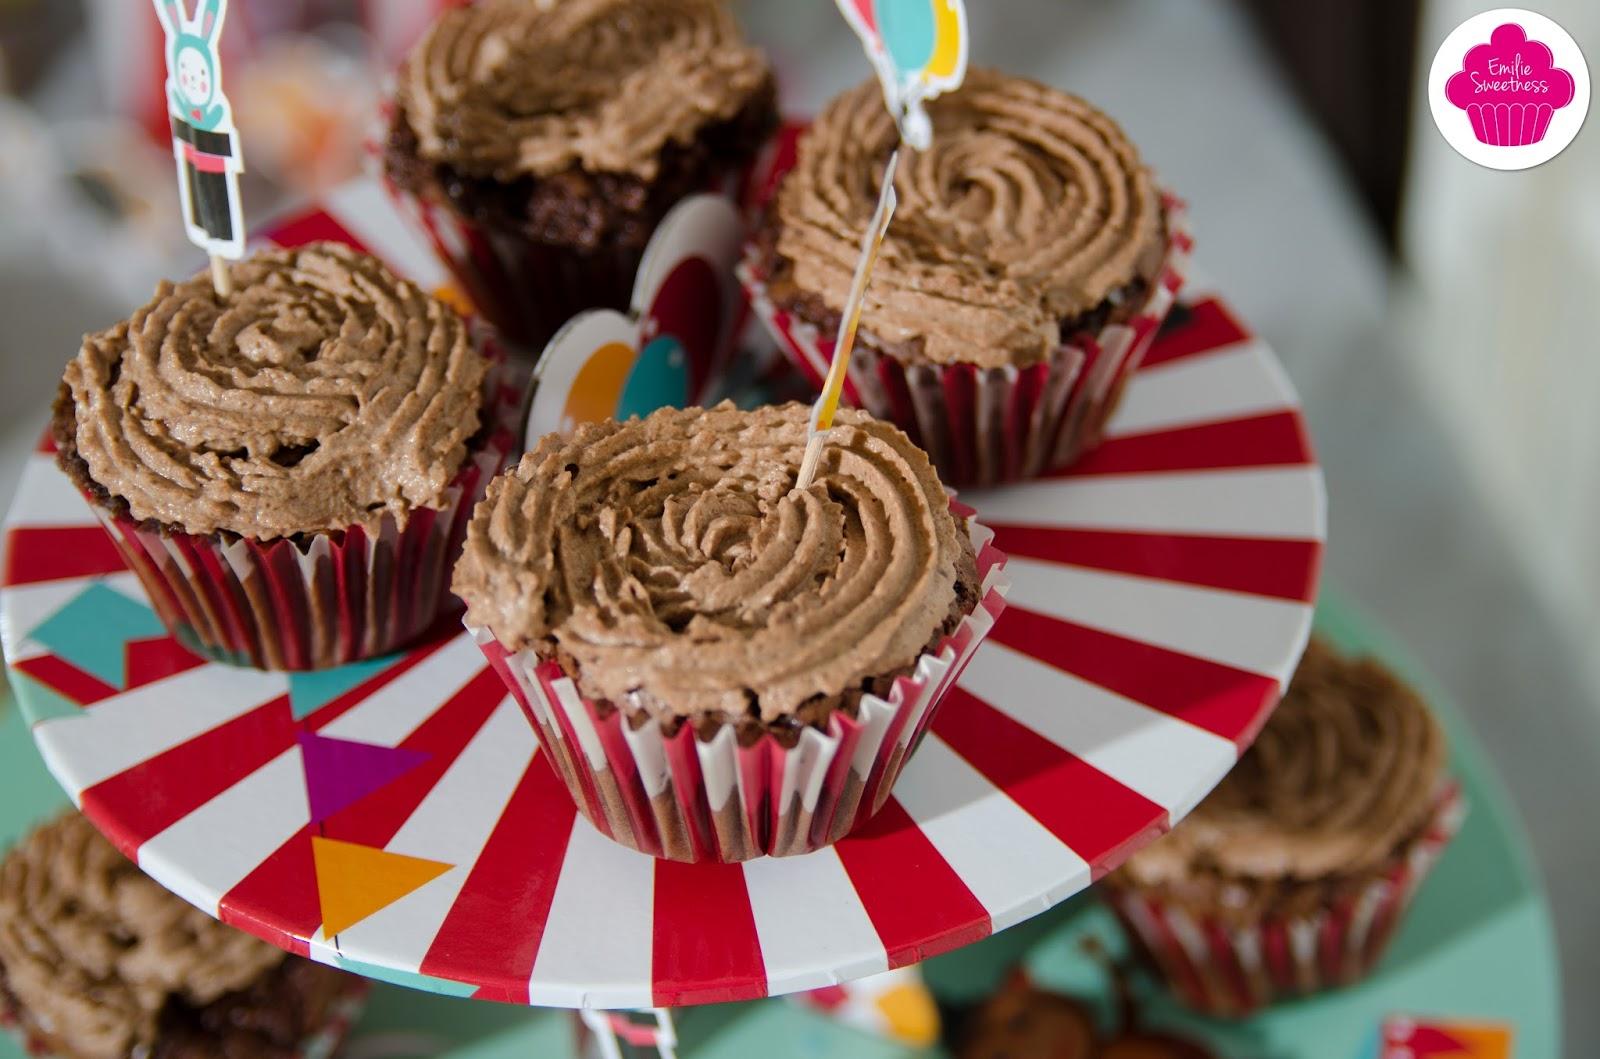 50 merveilleux gâteaux danniversaire pour enfants Aufeminin